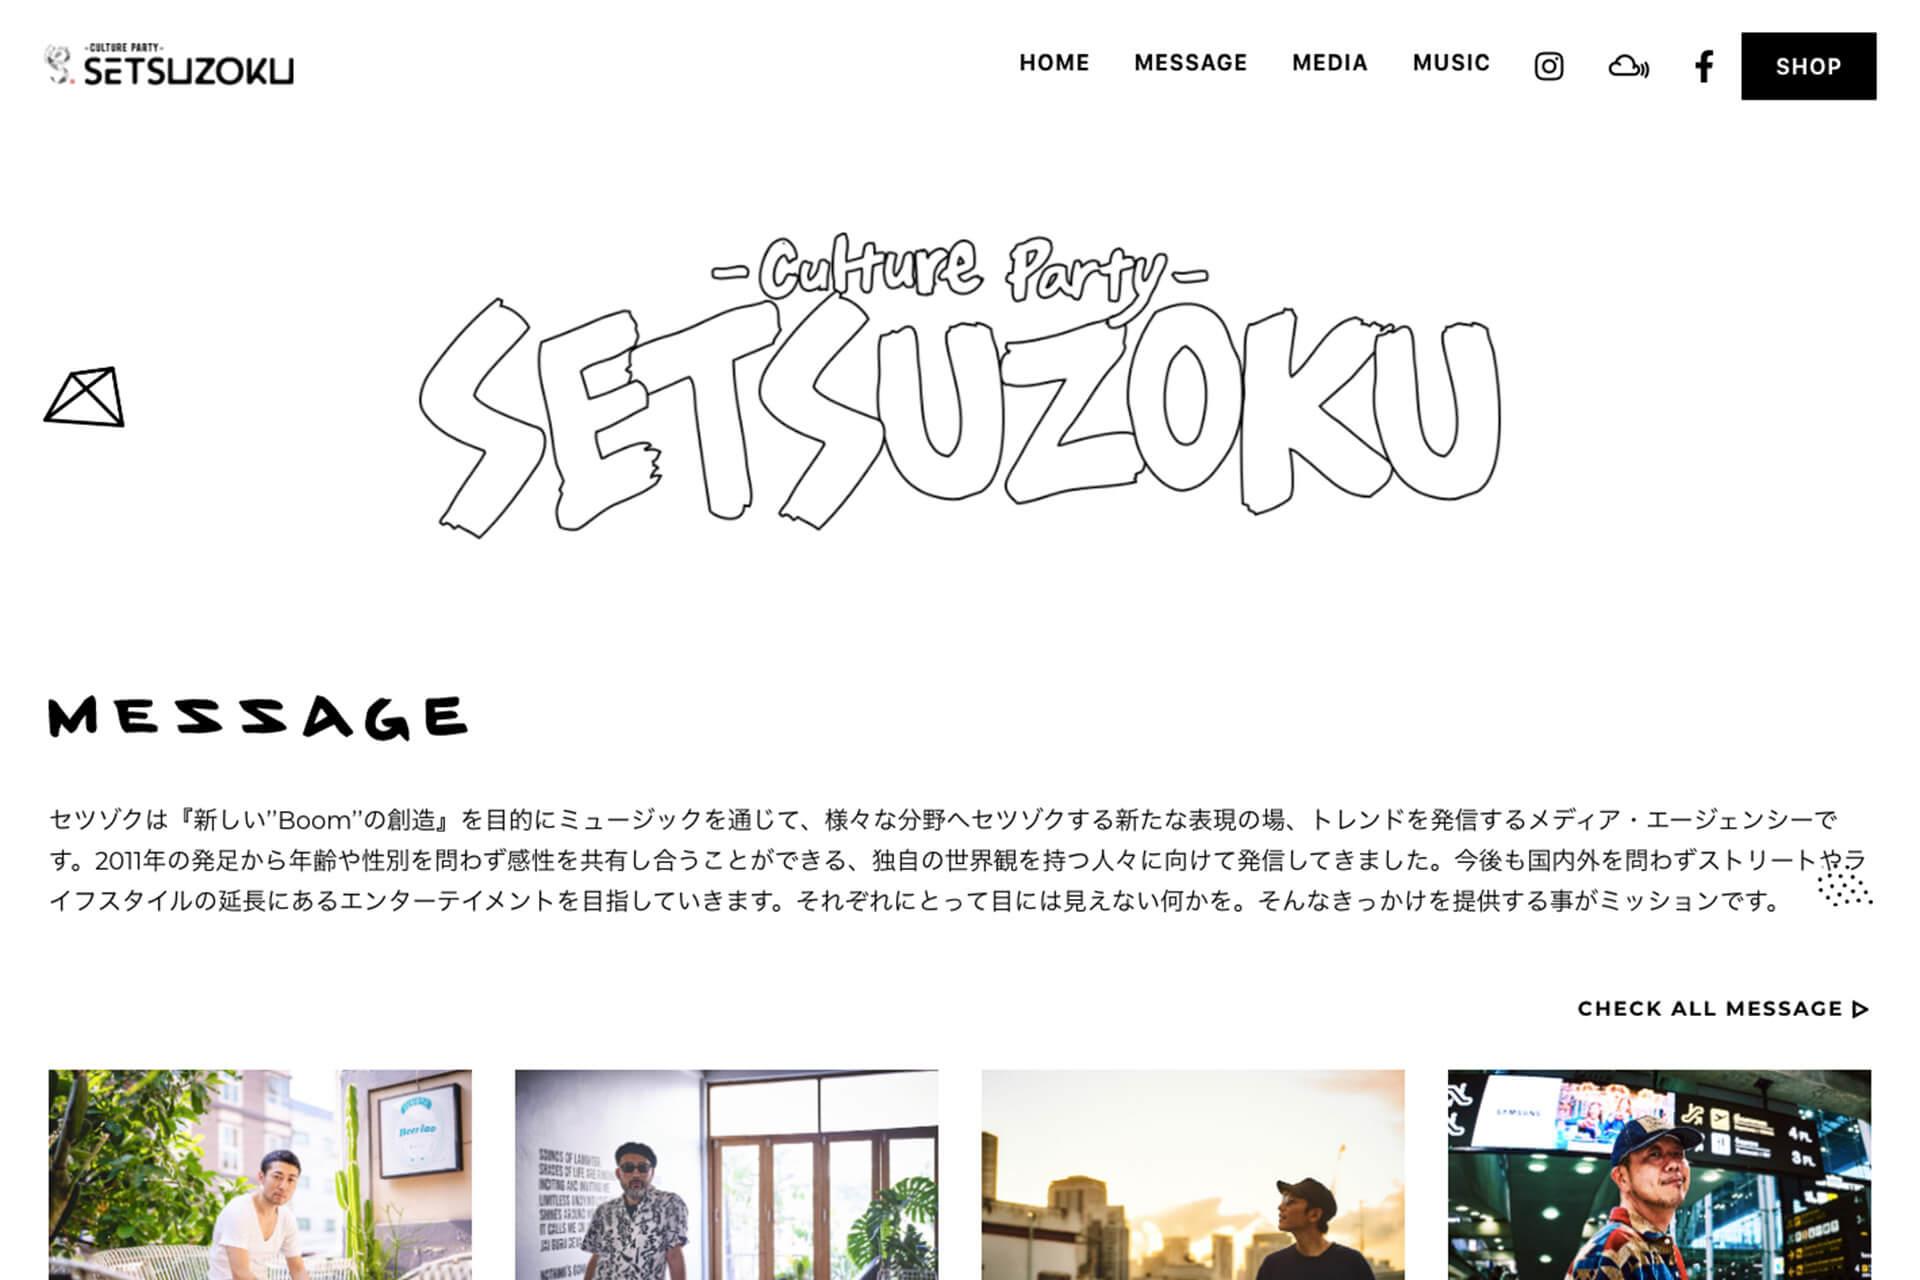 日本からタイヘ。新しい表現の場を提供してきたカルチャーパーティーSETSUZOKUの10年とは culture210320_setsuzoku-08